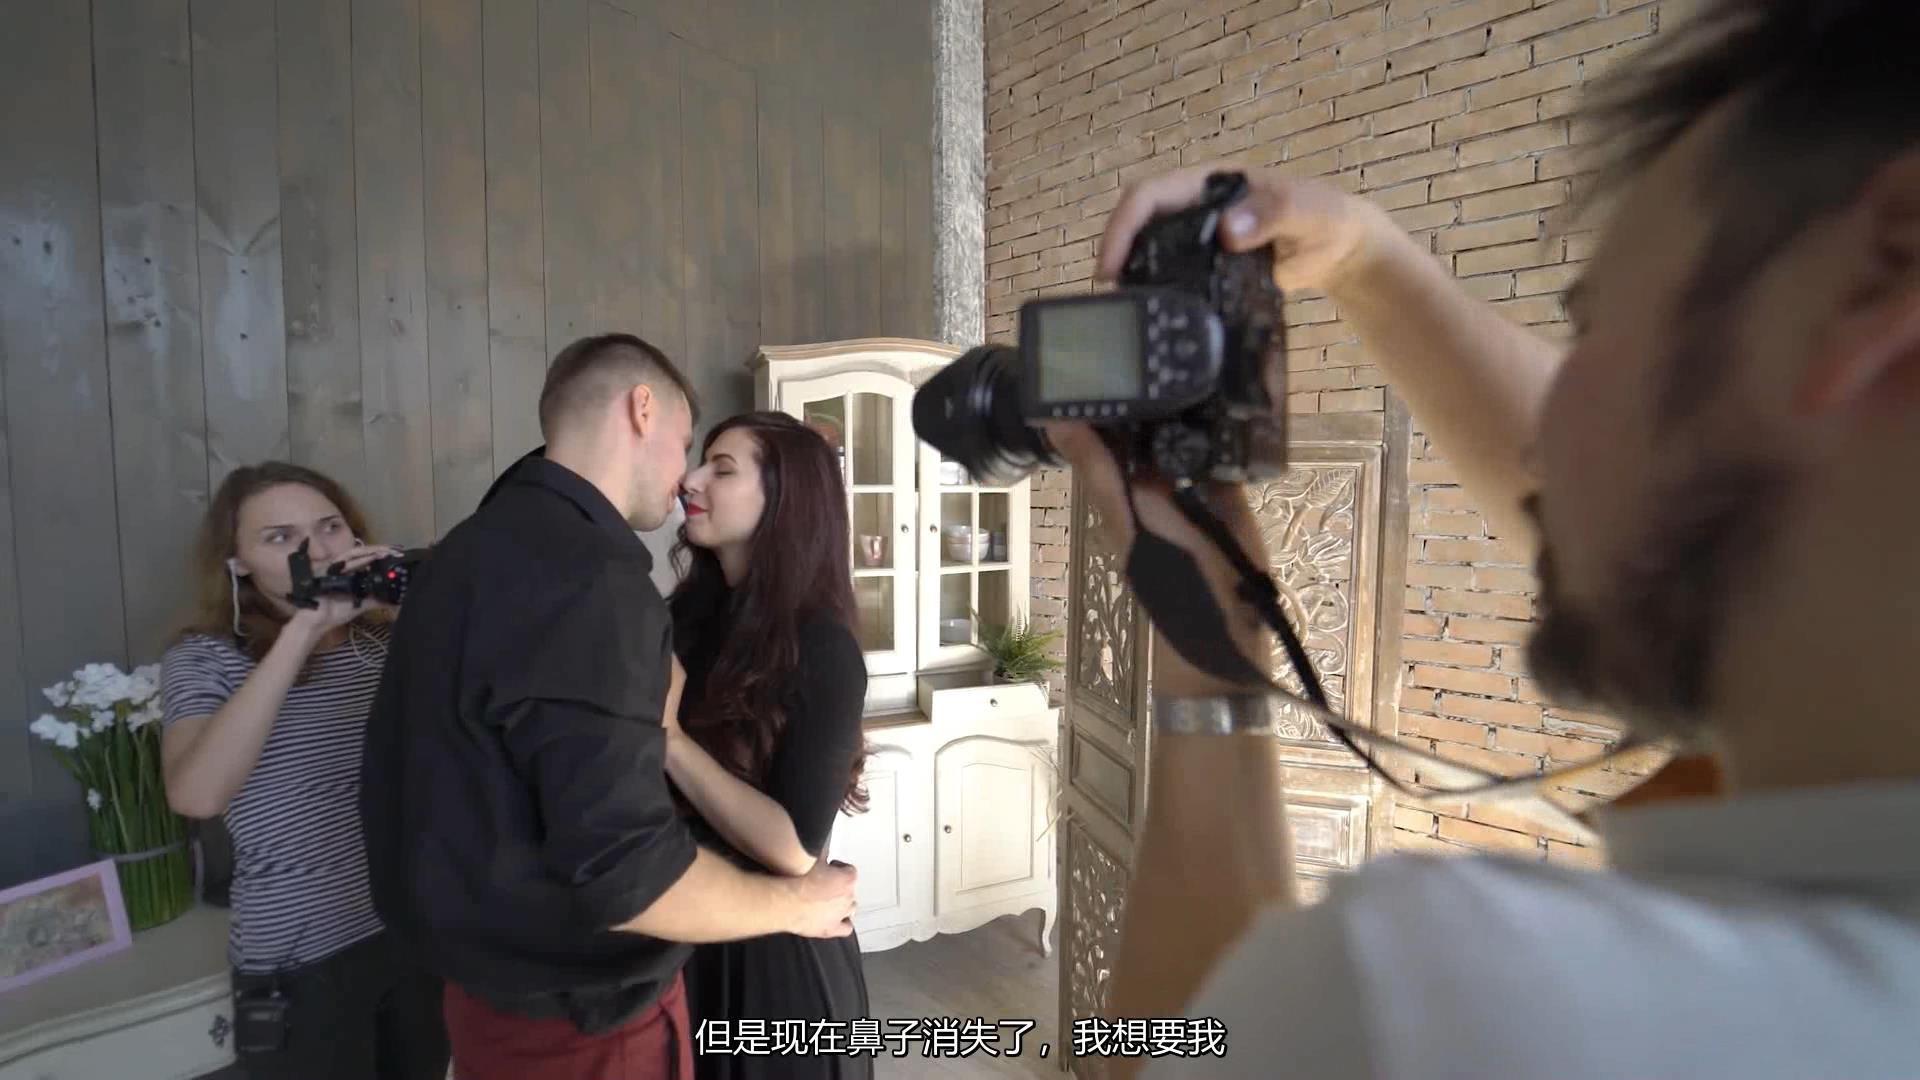 摄影教程_Alexey Gaidin实践30多种人造光闪光灯摄影布光教程-中文字幕 摄影教程 _预览图13